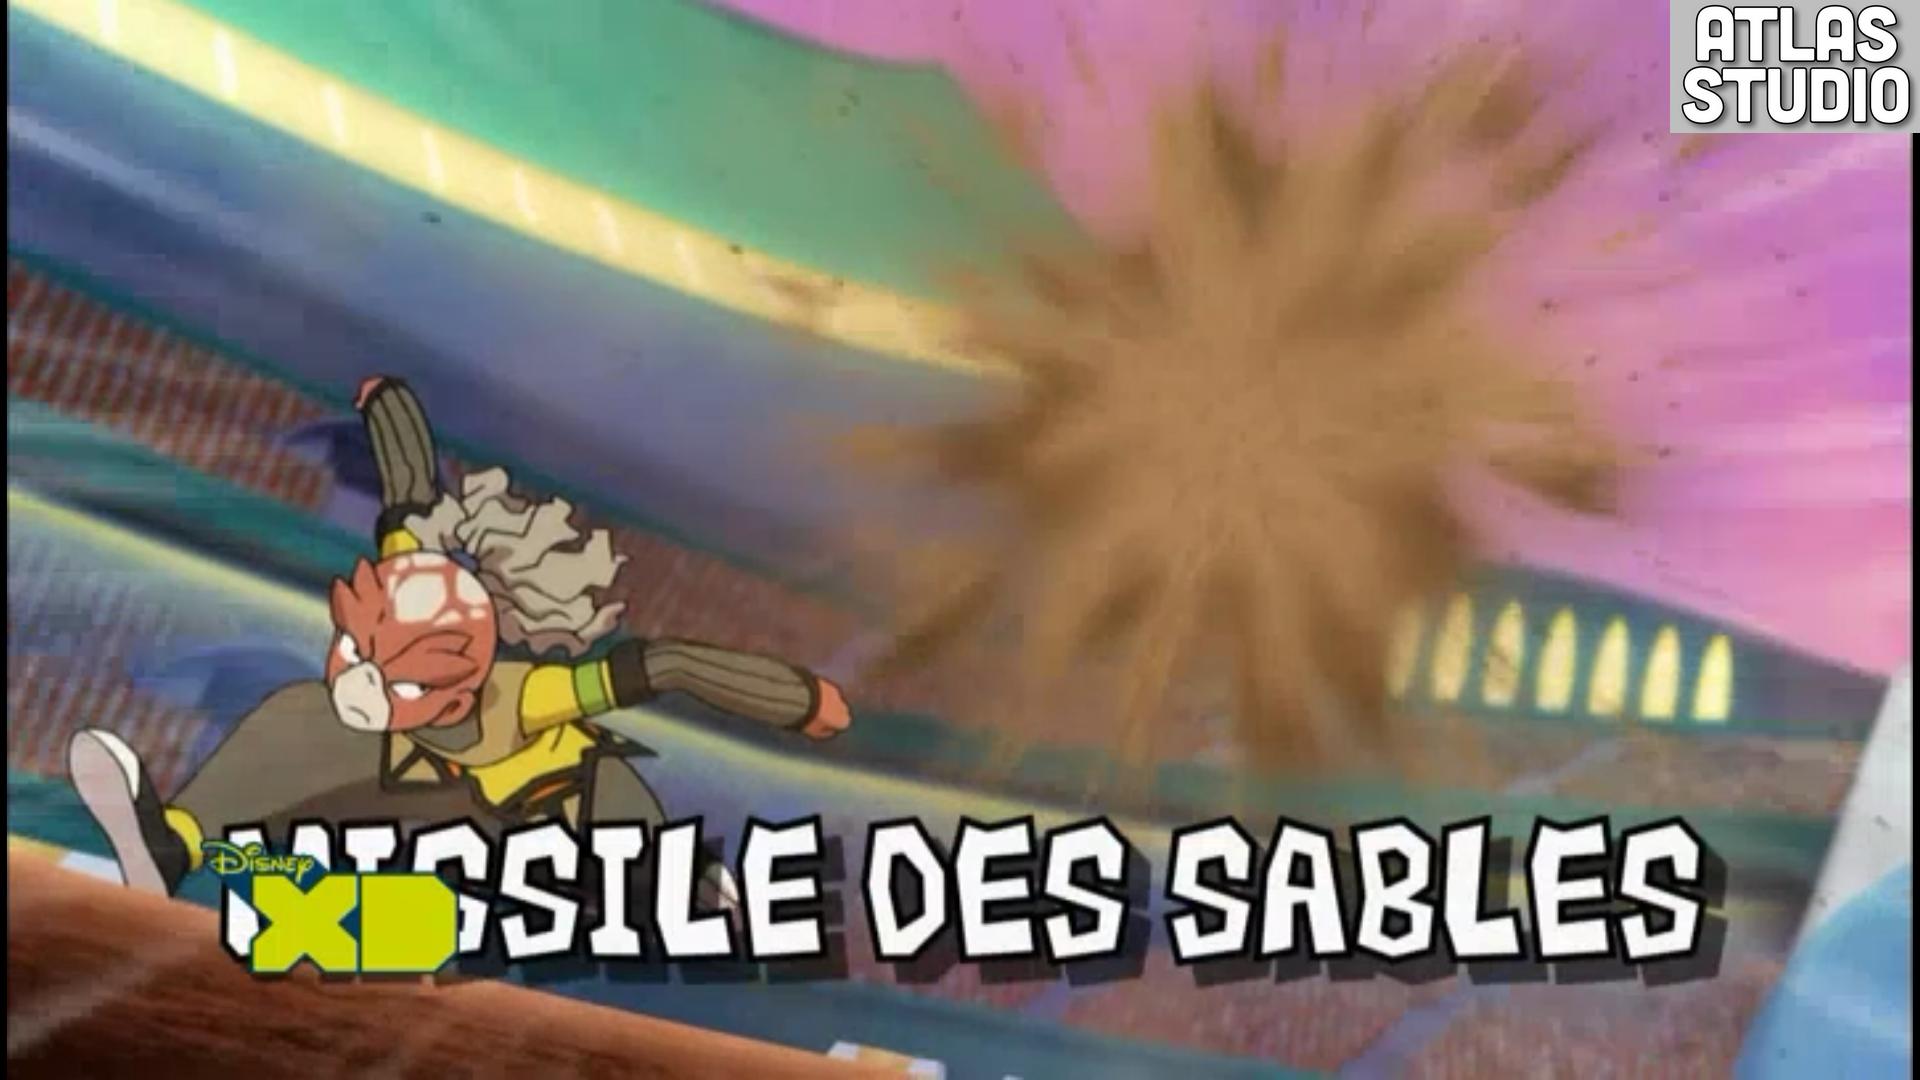 Missile des Sables